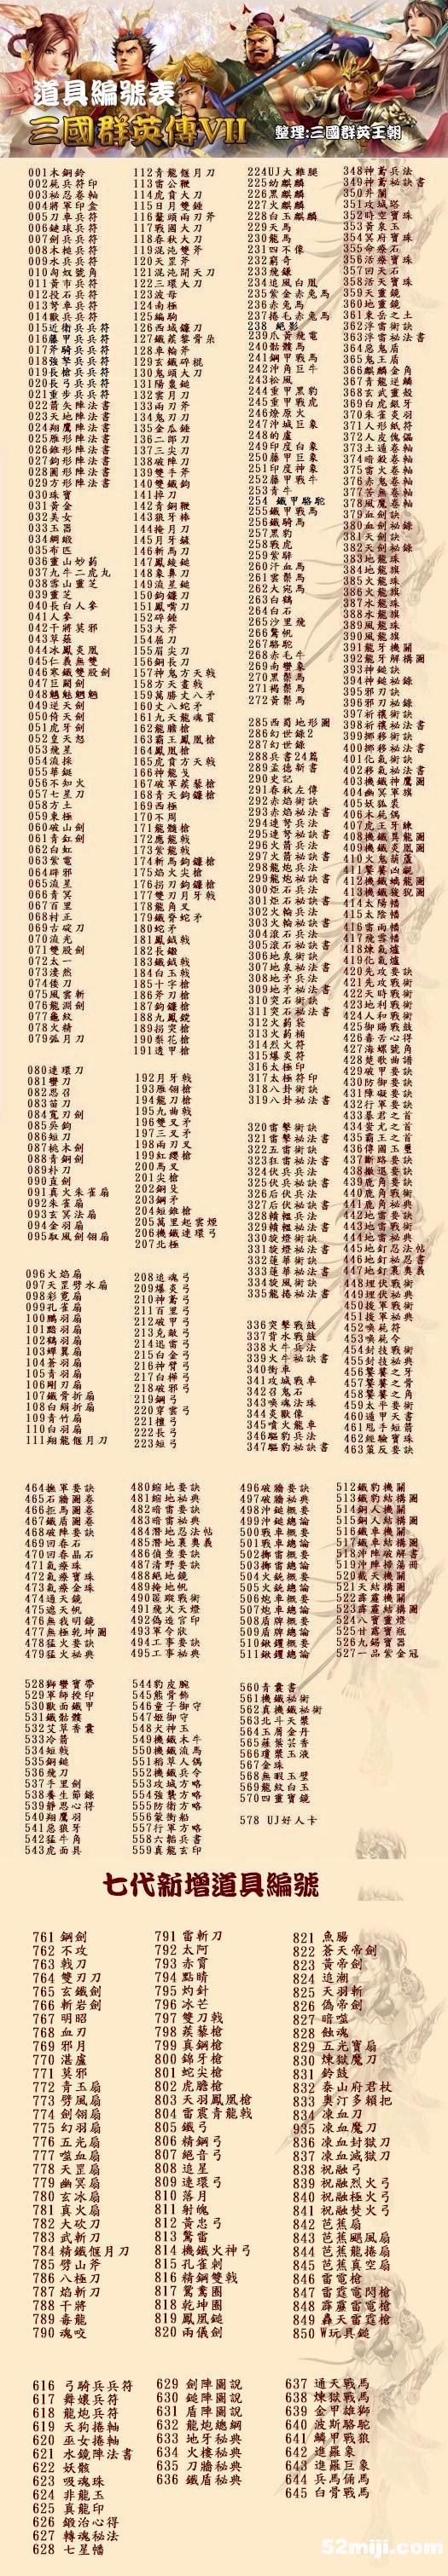 三国群英传7道具编号(图片)